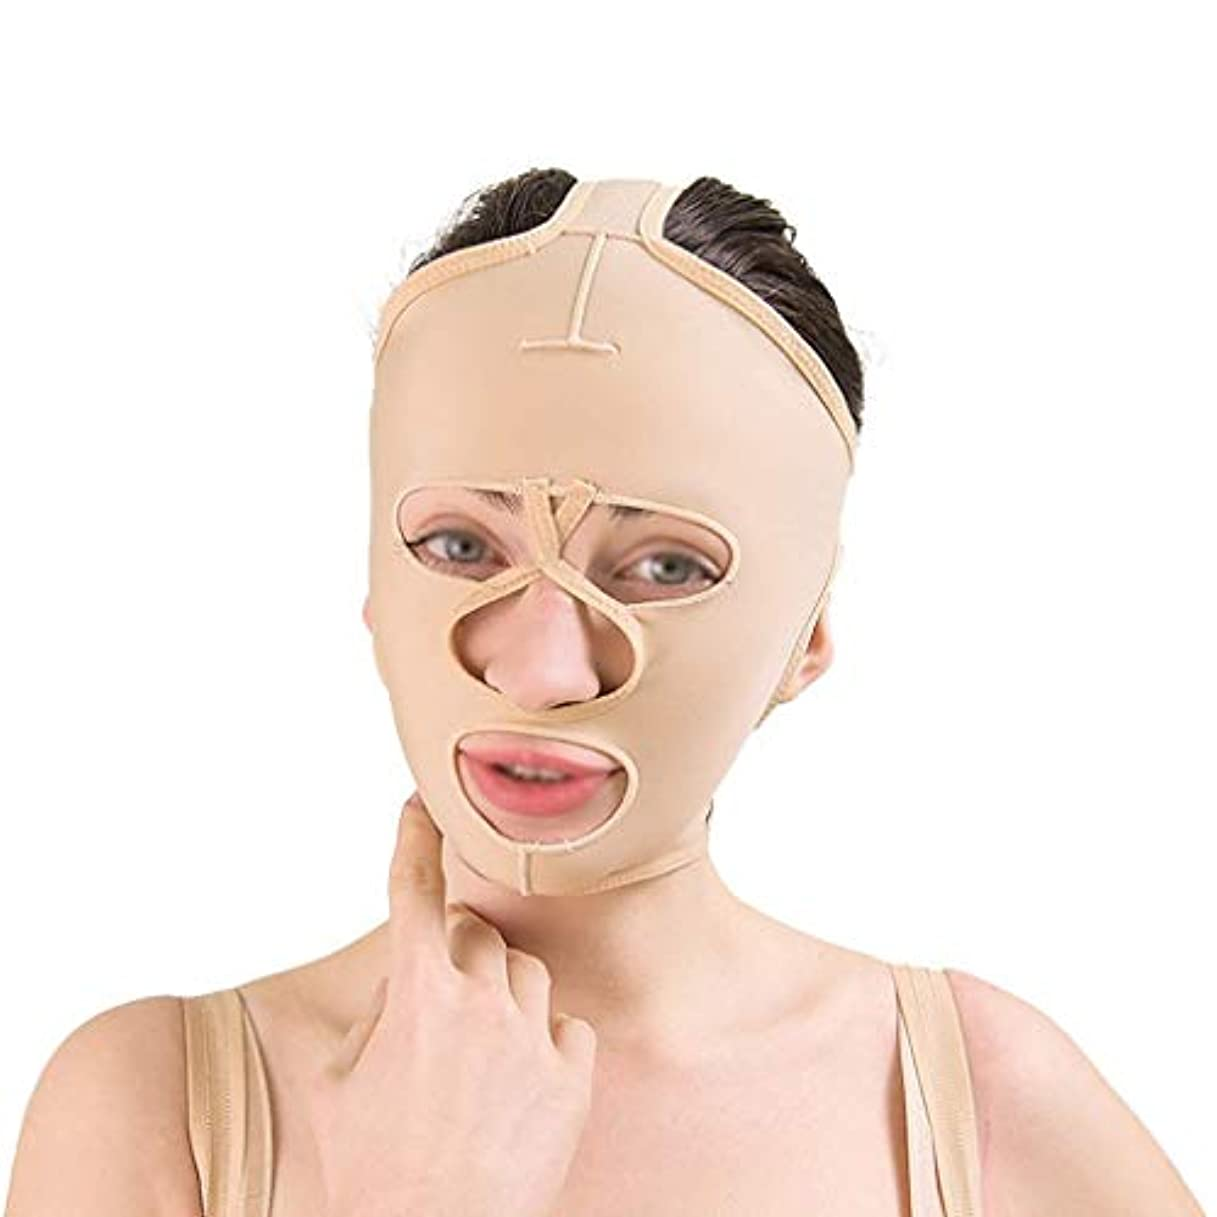 シャワーラジエータートレイフェイシャルリフティングツール、フェイシャルビューティーリフティングマスク、通気性引き締めリフティングフェイシャル包帯、フェイシャルタイトバンデージ(サイズ:L),S